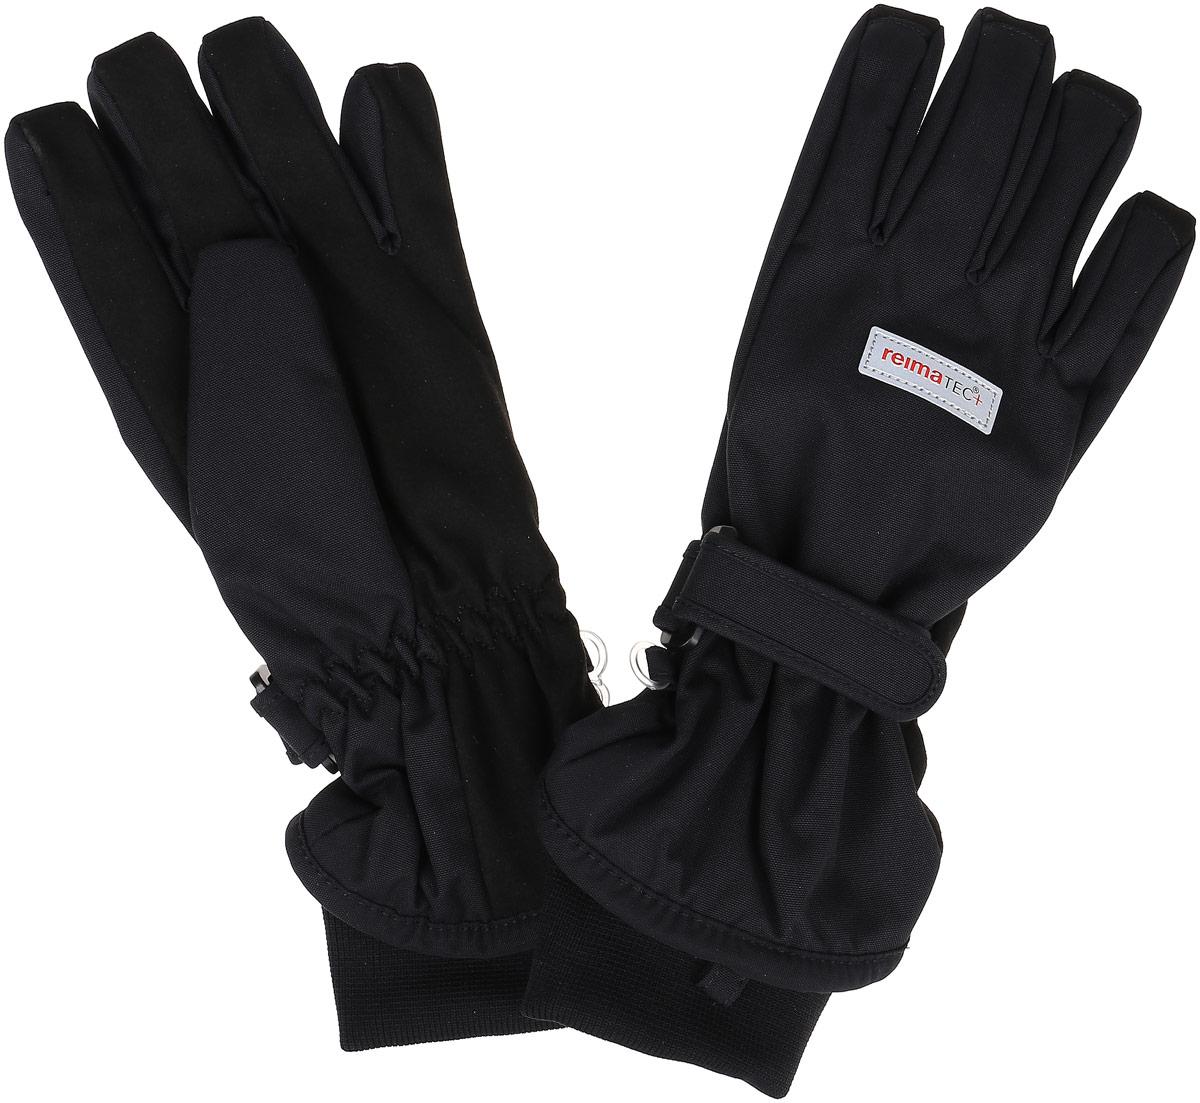 Перчатки детские527255_4620Детские перчатки Reima Reima Reimatec+ Pivo станут идеальным вариантом для холодной зимней погоды. На подкладке используется высококачественный полиэстер, который хорошо удерживает тепло. Для большего удобства на запястьях перчатки дополнены хлястиками на липучках с внешней стороны, а на ладошках, кончиках пальцев и с внутренней стороны большого пальца - усиленными водонепроницаемыми вставками Hipora. Теплая флисовая подкладка дарит коже ощущение комфорта и уюта. С внешней стороны перчатки оформлены светоотражающими нашивками с логотипом бренда. Перчатки станут идеальным вариантом для прохладной погоды, в них ребенку будет тепло и комфортно. Водонепроницаемость: Waterpillar over 10 000 mm